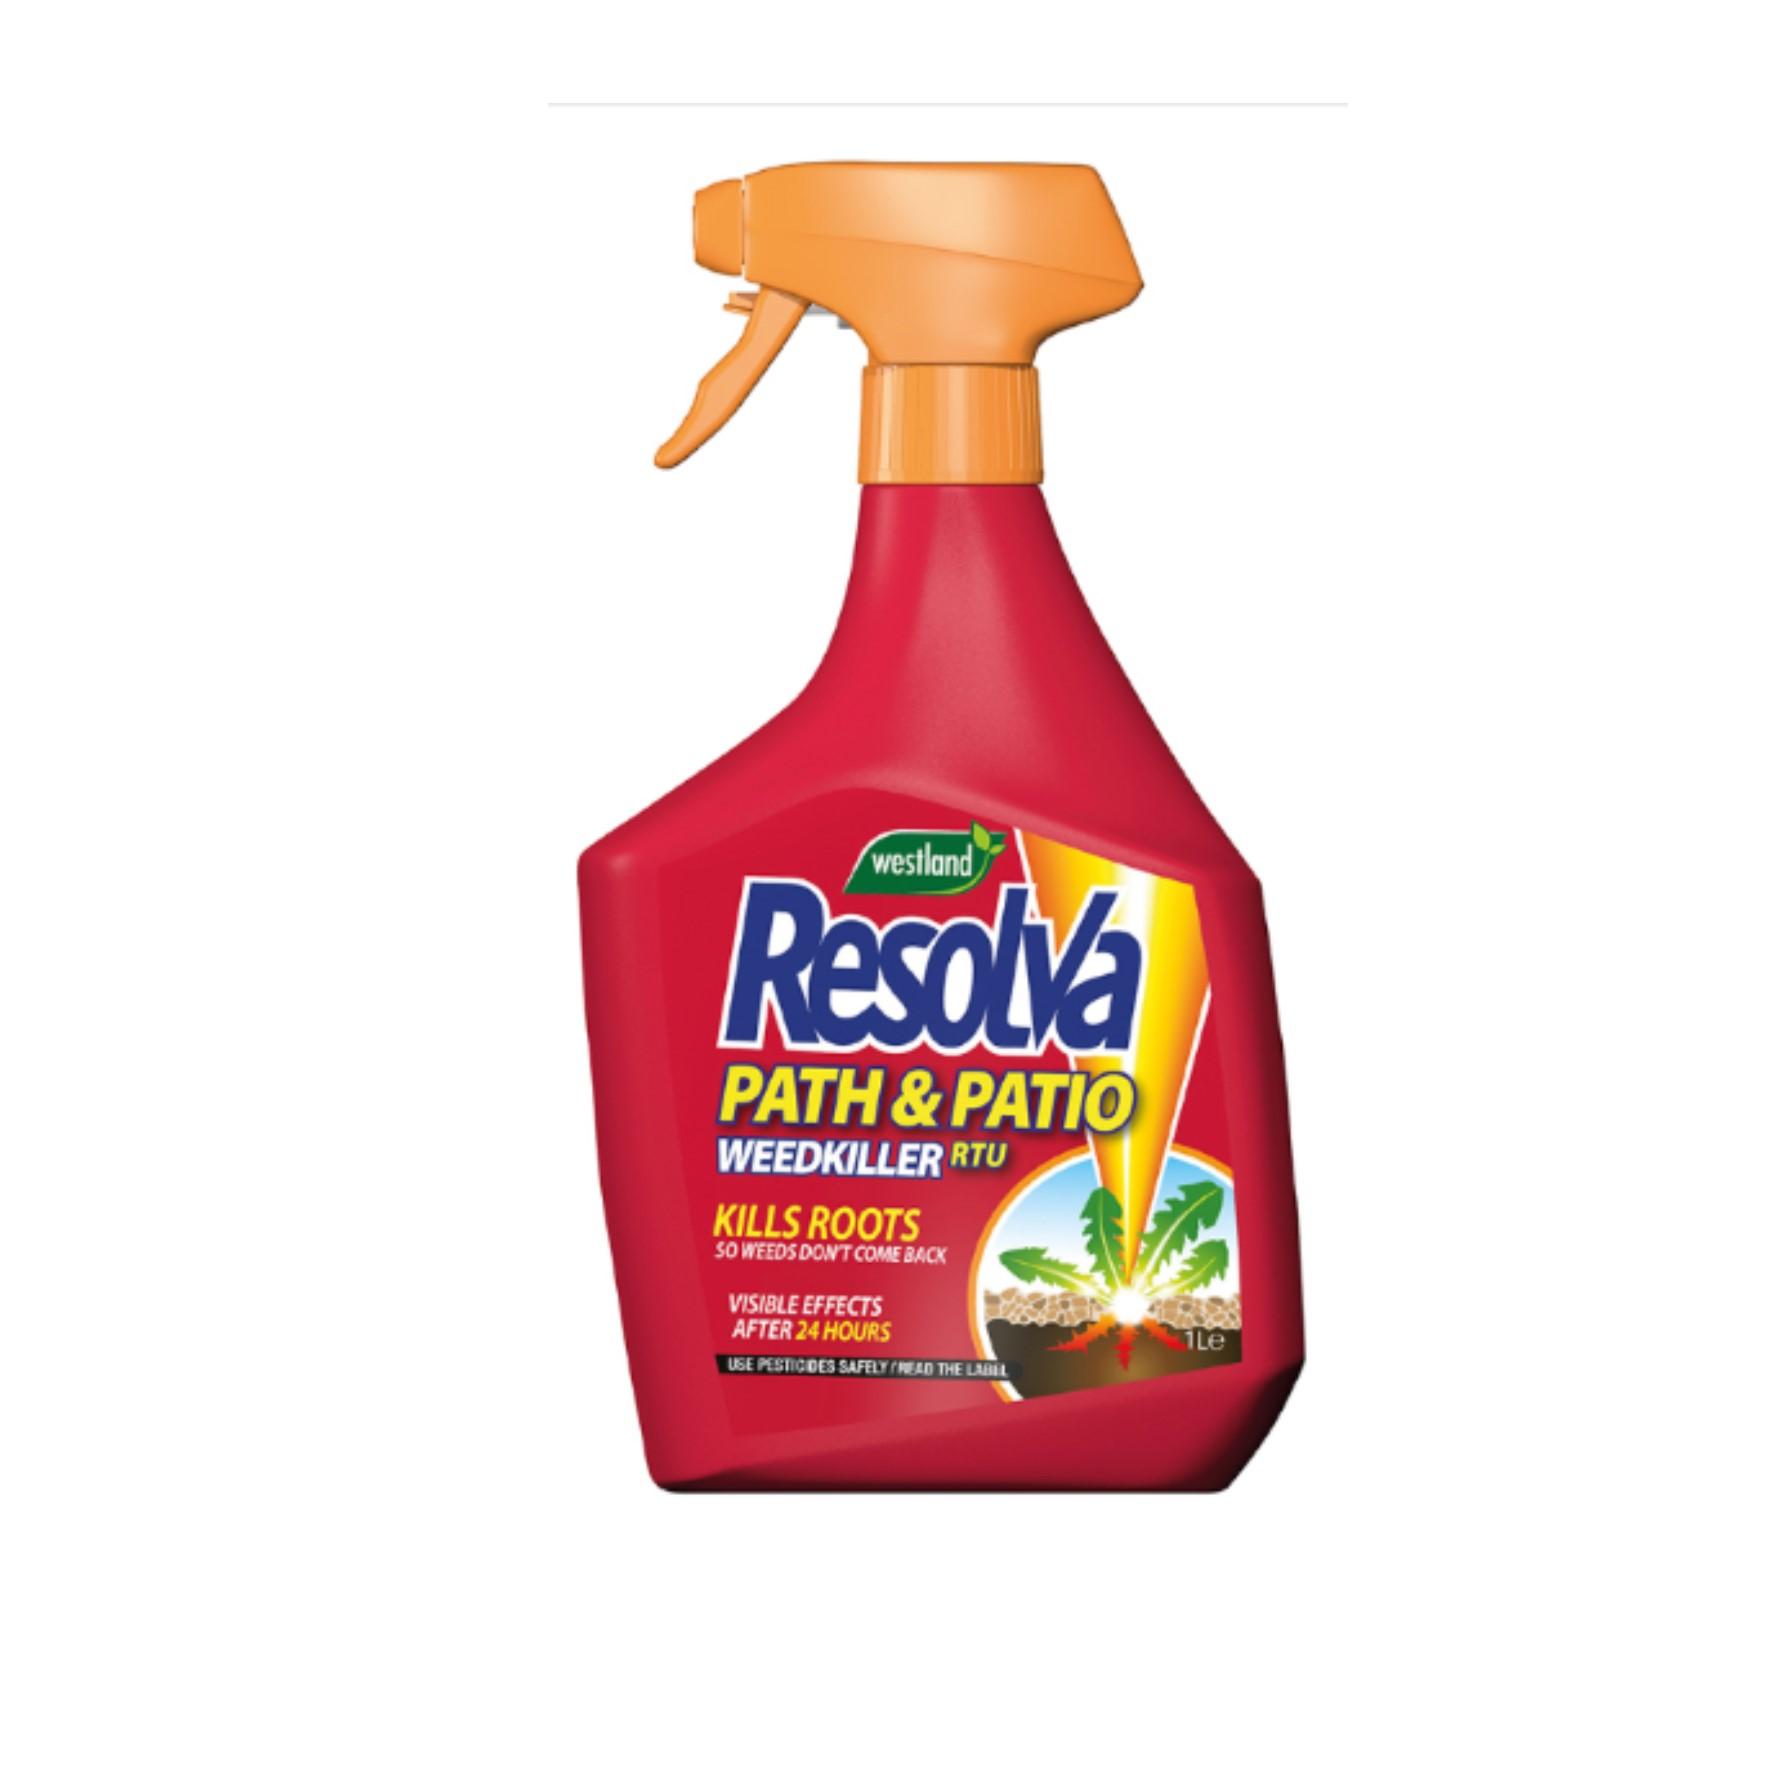 Path & Patio Weedkiller Spray